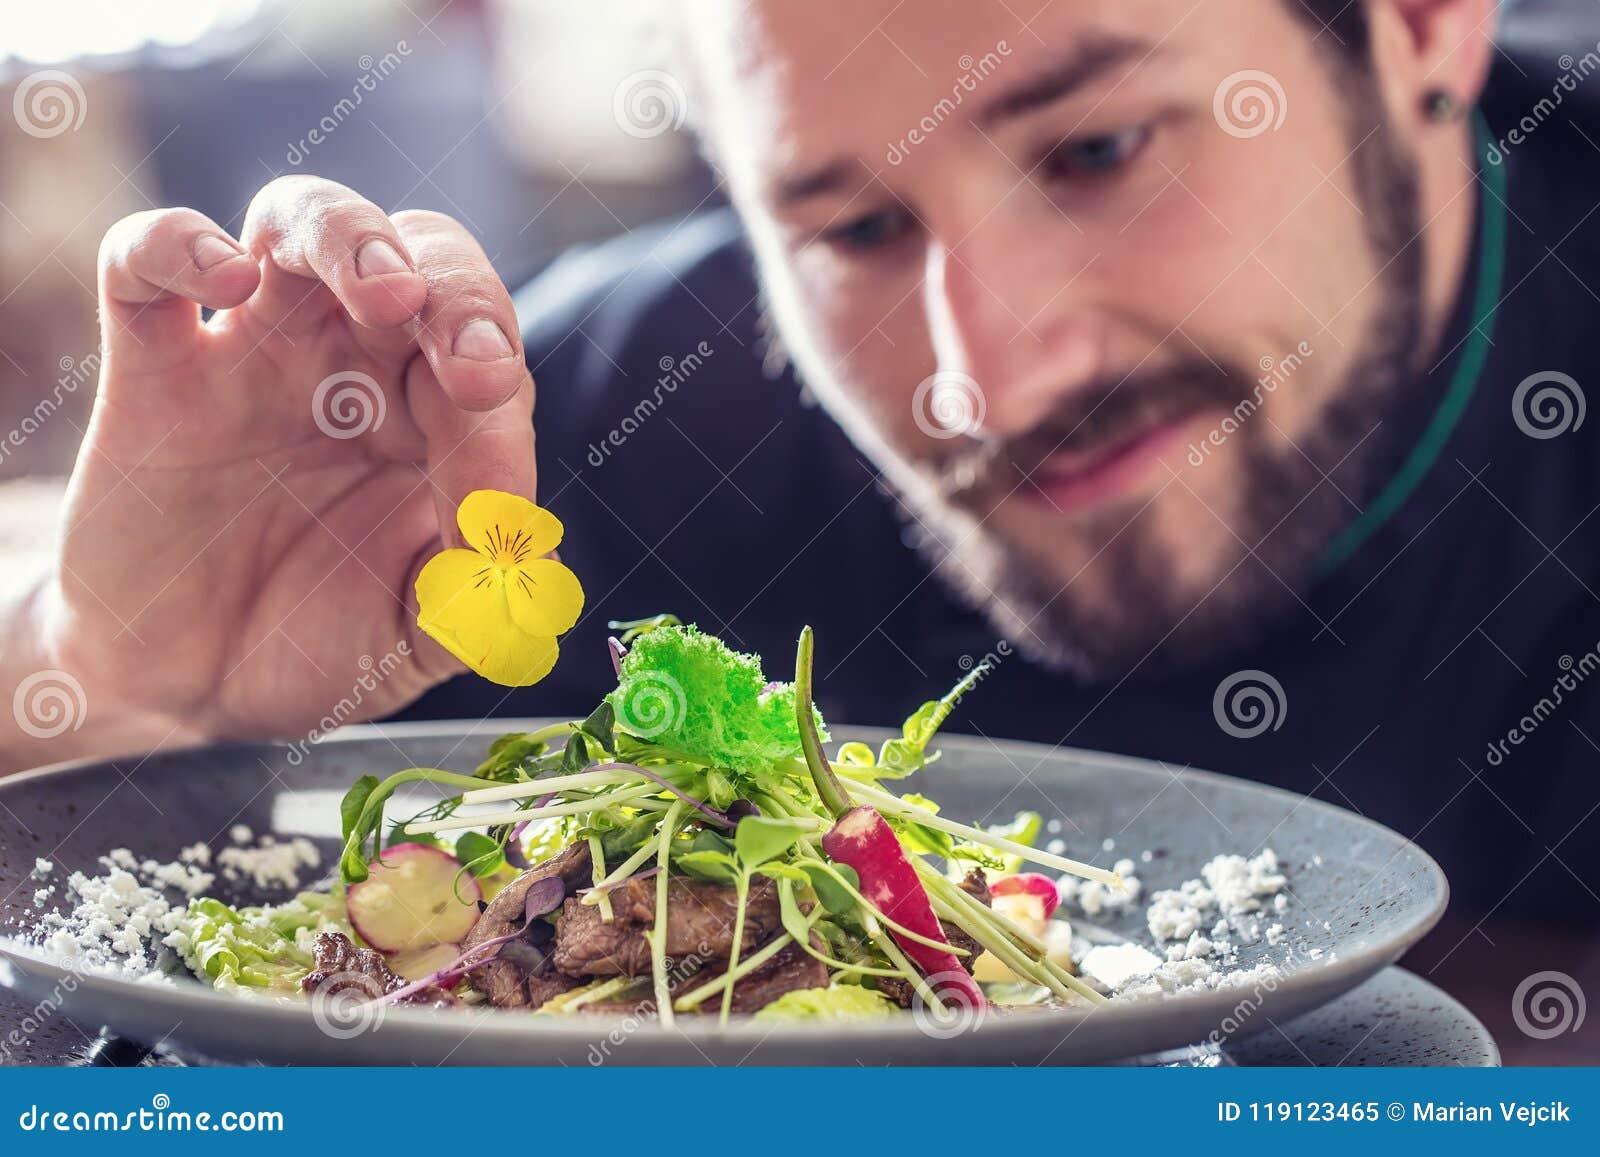 Cocinero en el hotel o el restaurante que prepara la ensalada con los pedazos de carne de vaca